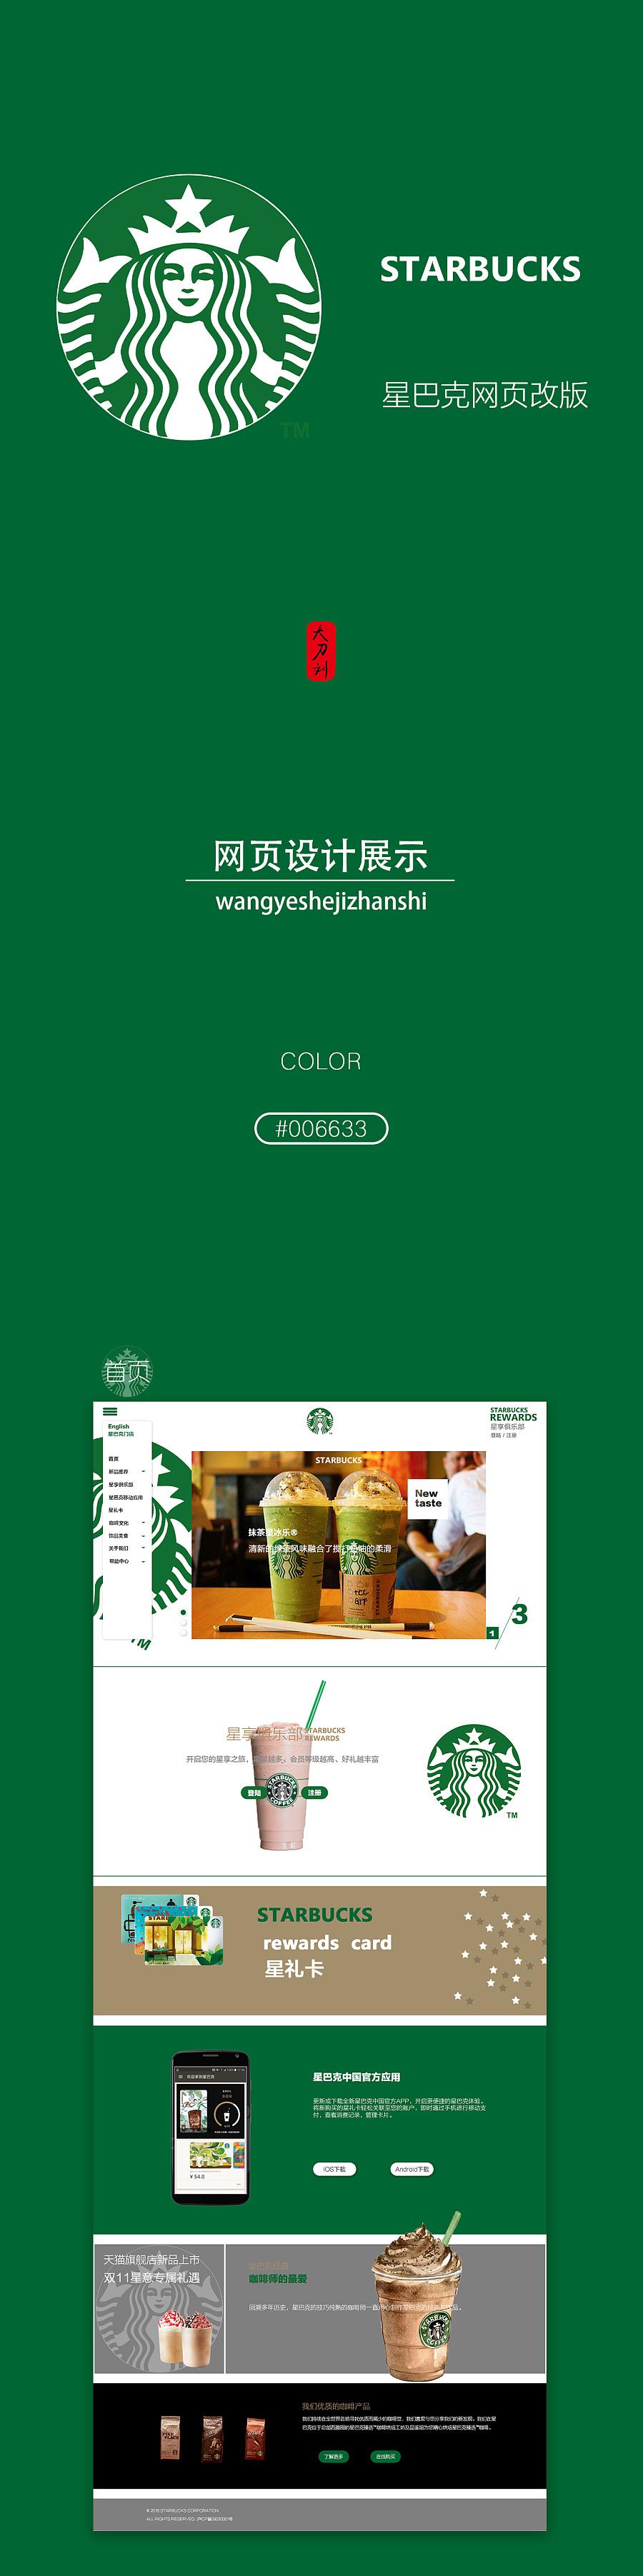 星巴克|企业官网|网页|刘年海图片